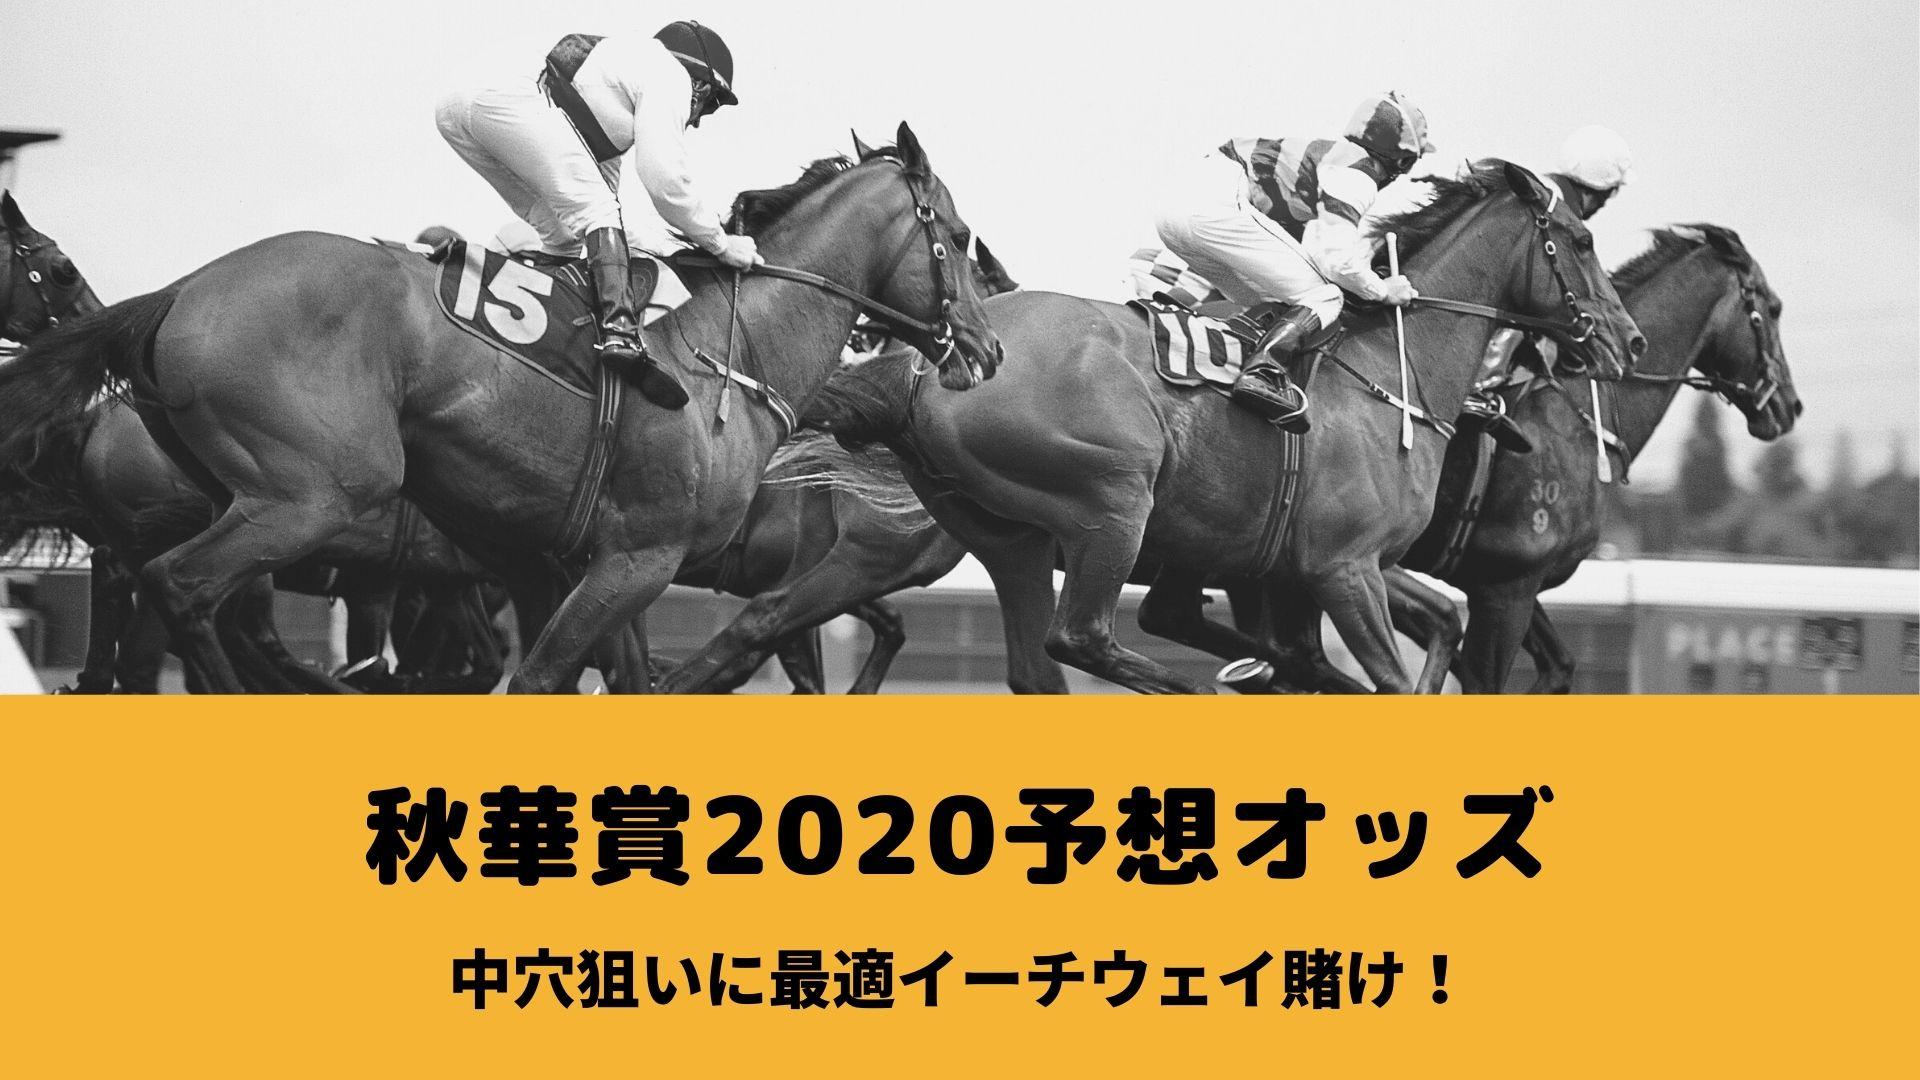 秋華賞2020ブックメーカー予想オッズ